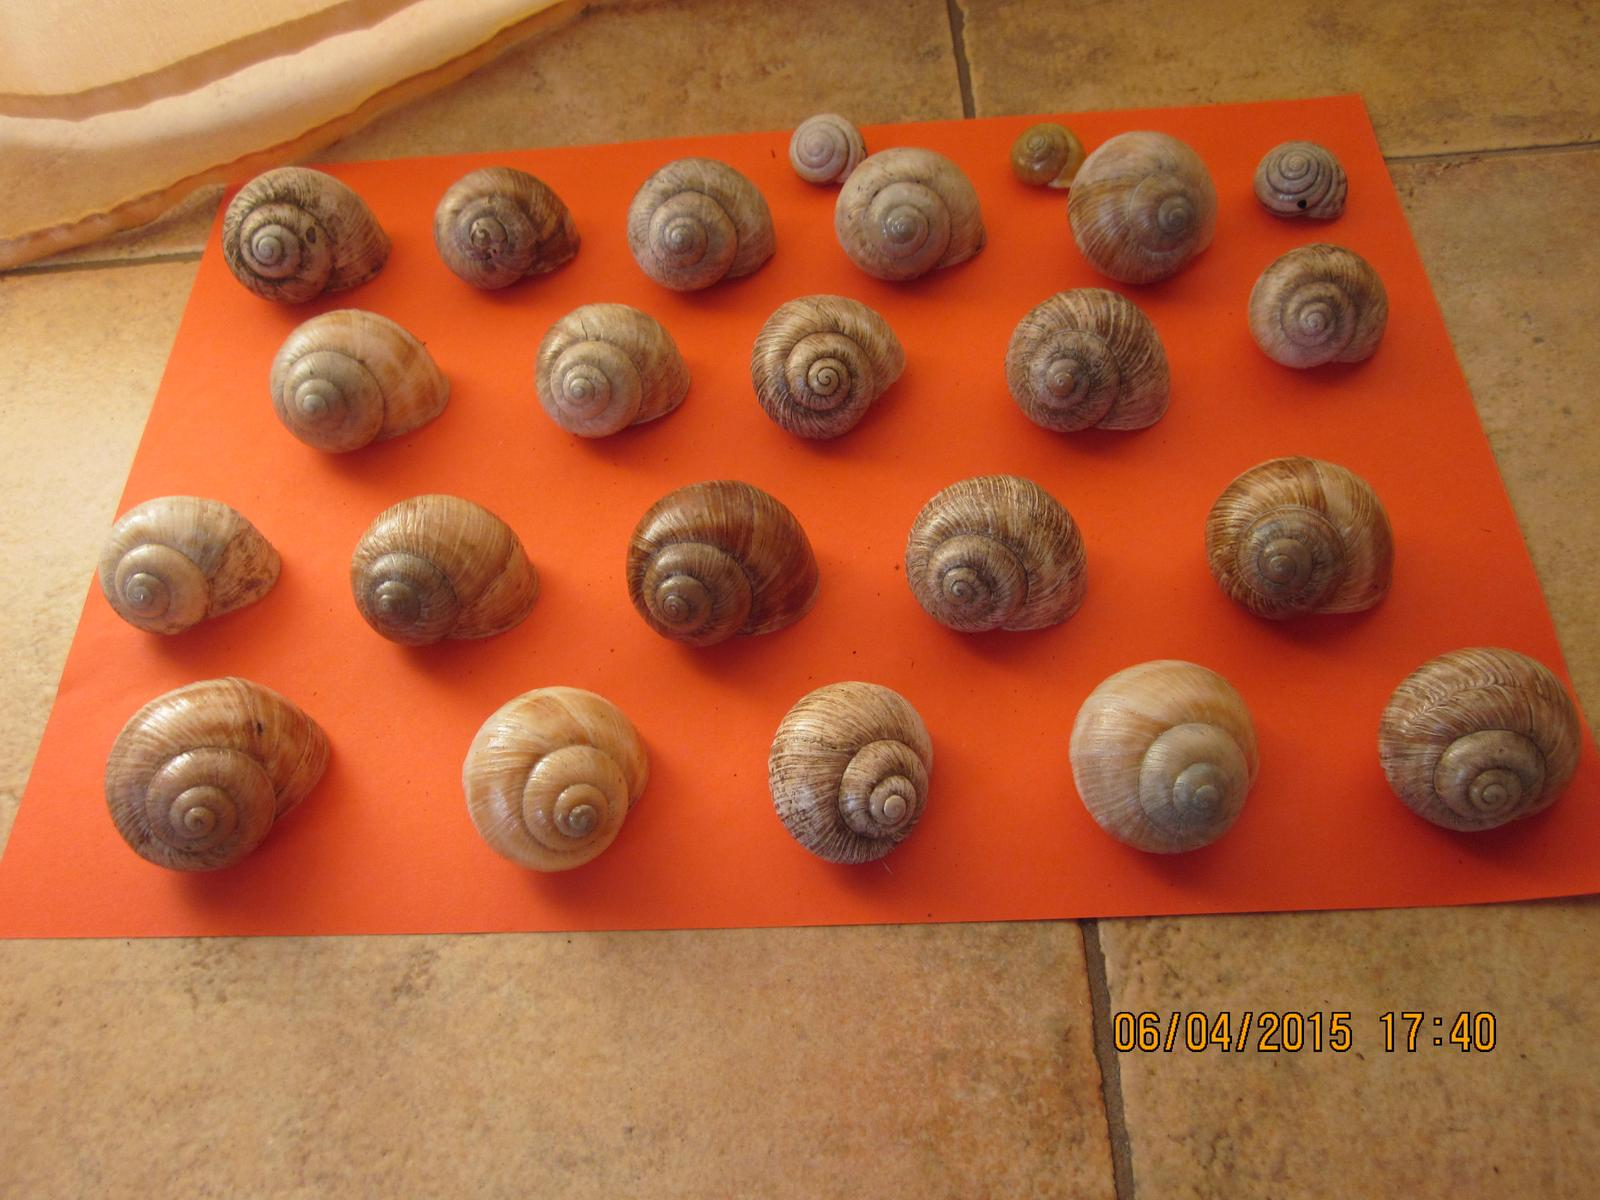 Slimáčia ulita cca 20 ks na dekoráciu do kvietkov  - Obrázok č. 1